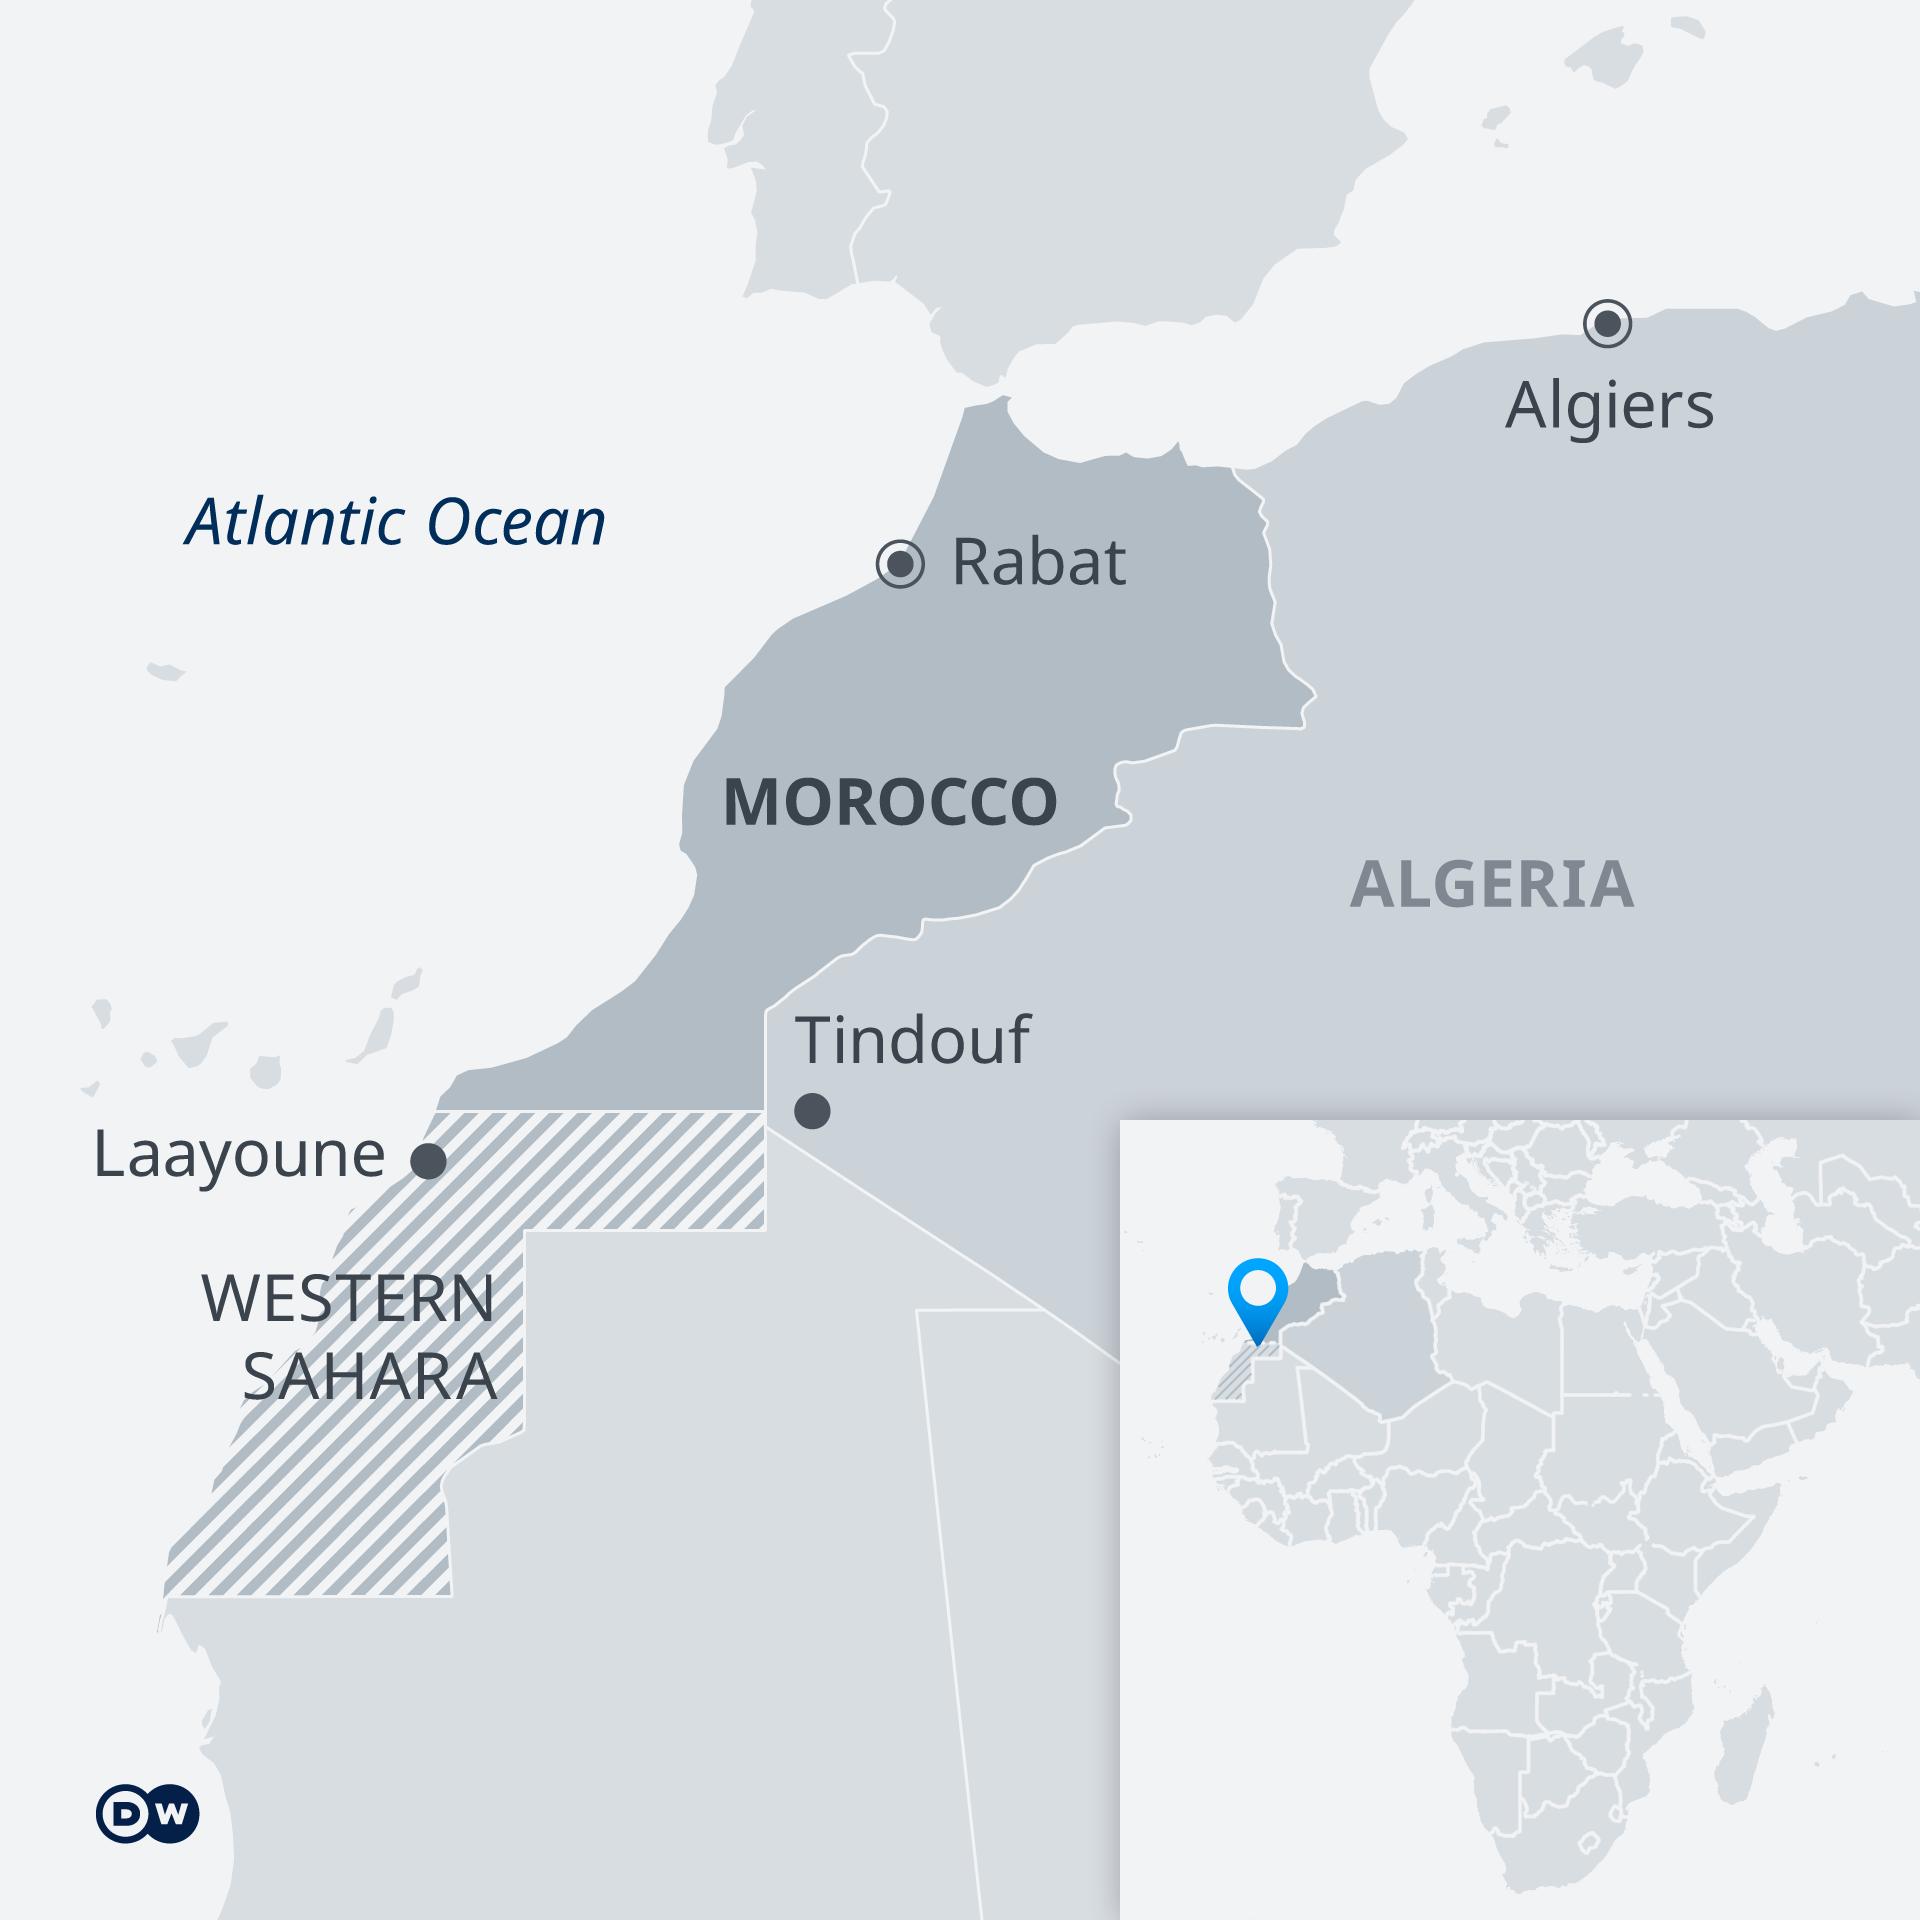 C'est notamment le contentieux sur le Sahara occidental qui empoisonne fortement les relations entre le Maroc et l'Algérie